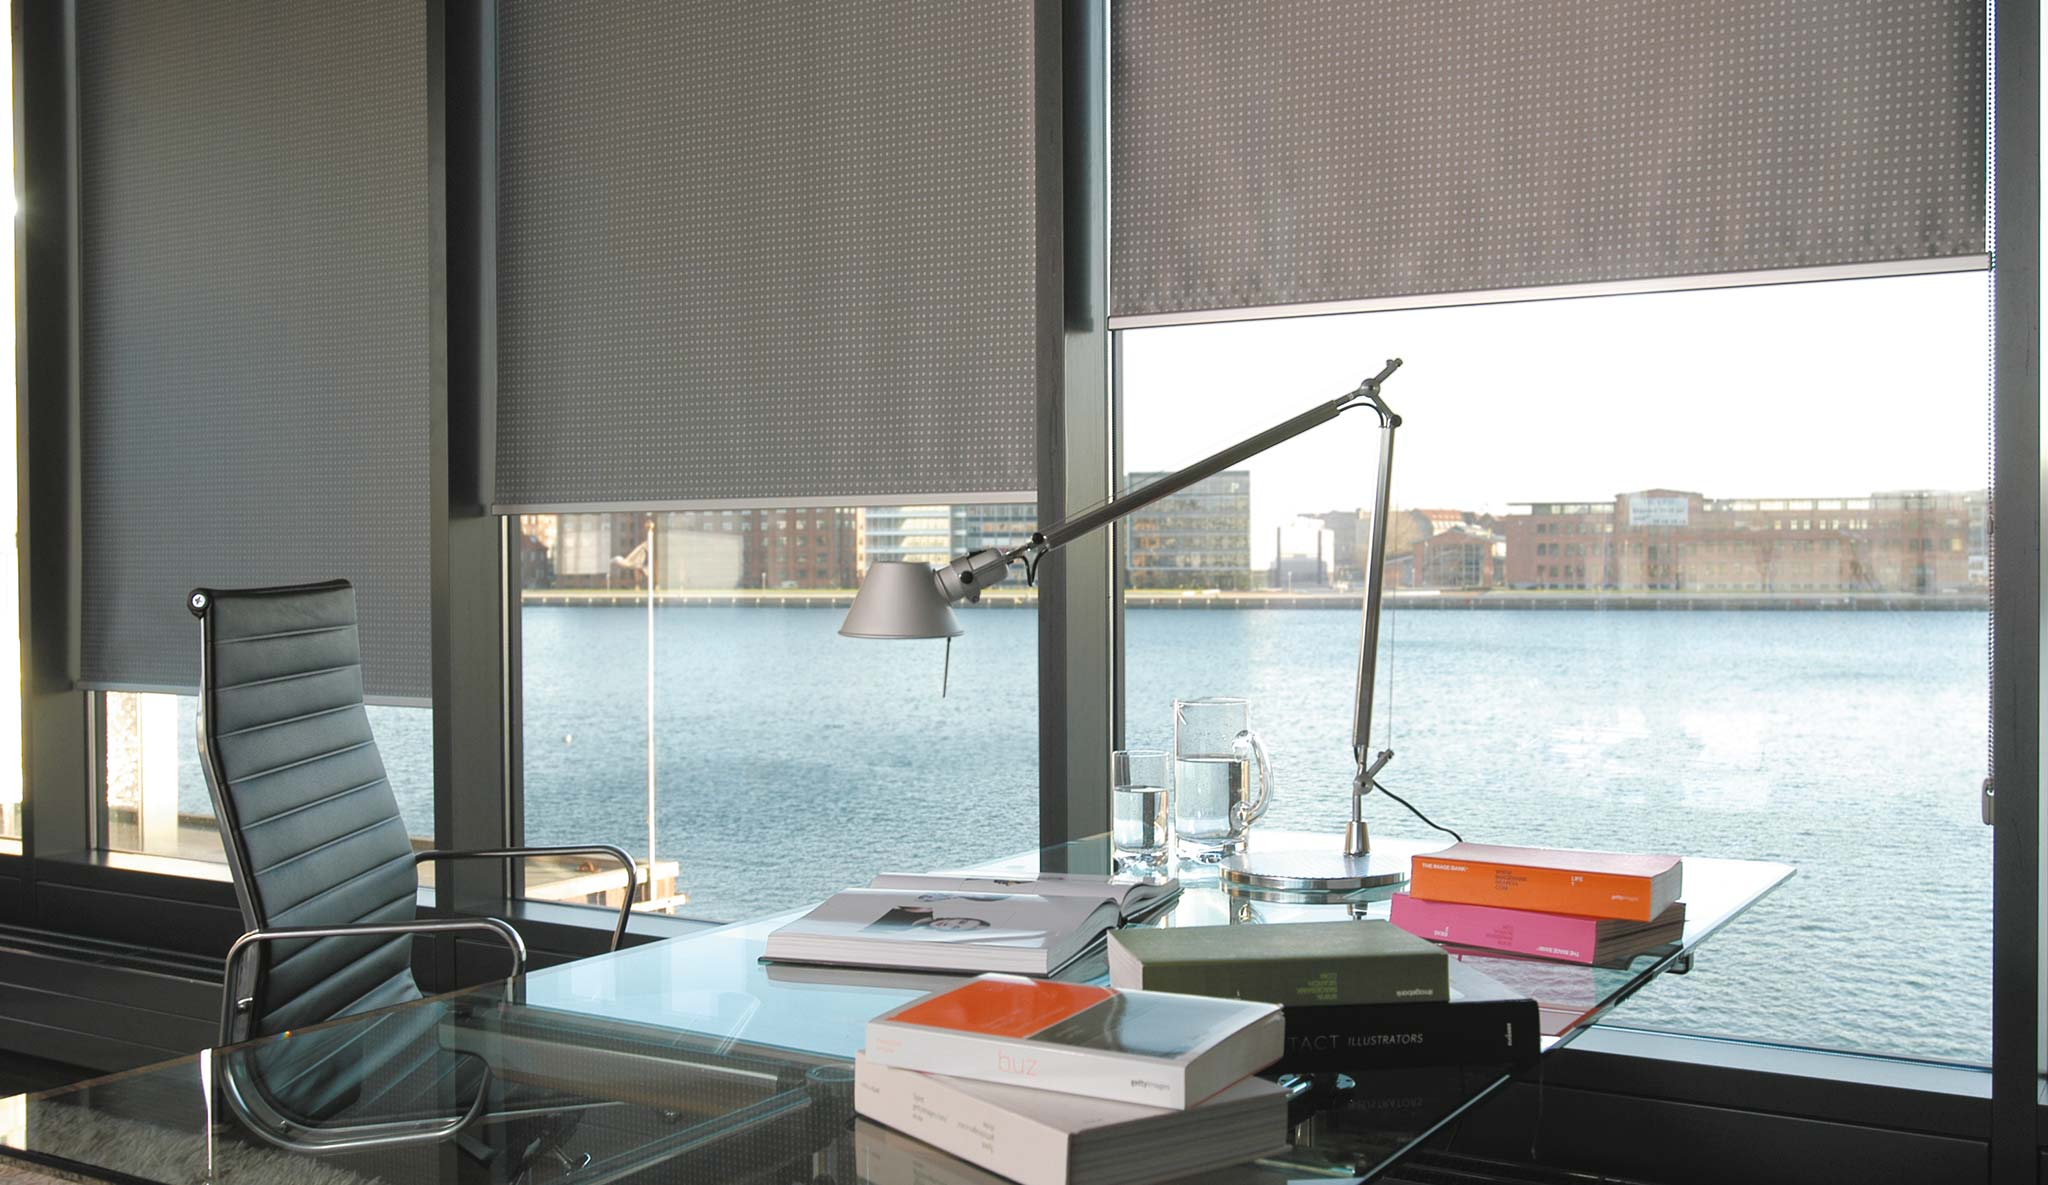 Innenrollos am Fenster vom Hersteller ROLLOS.de